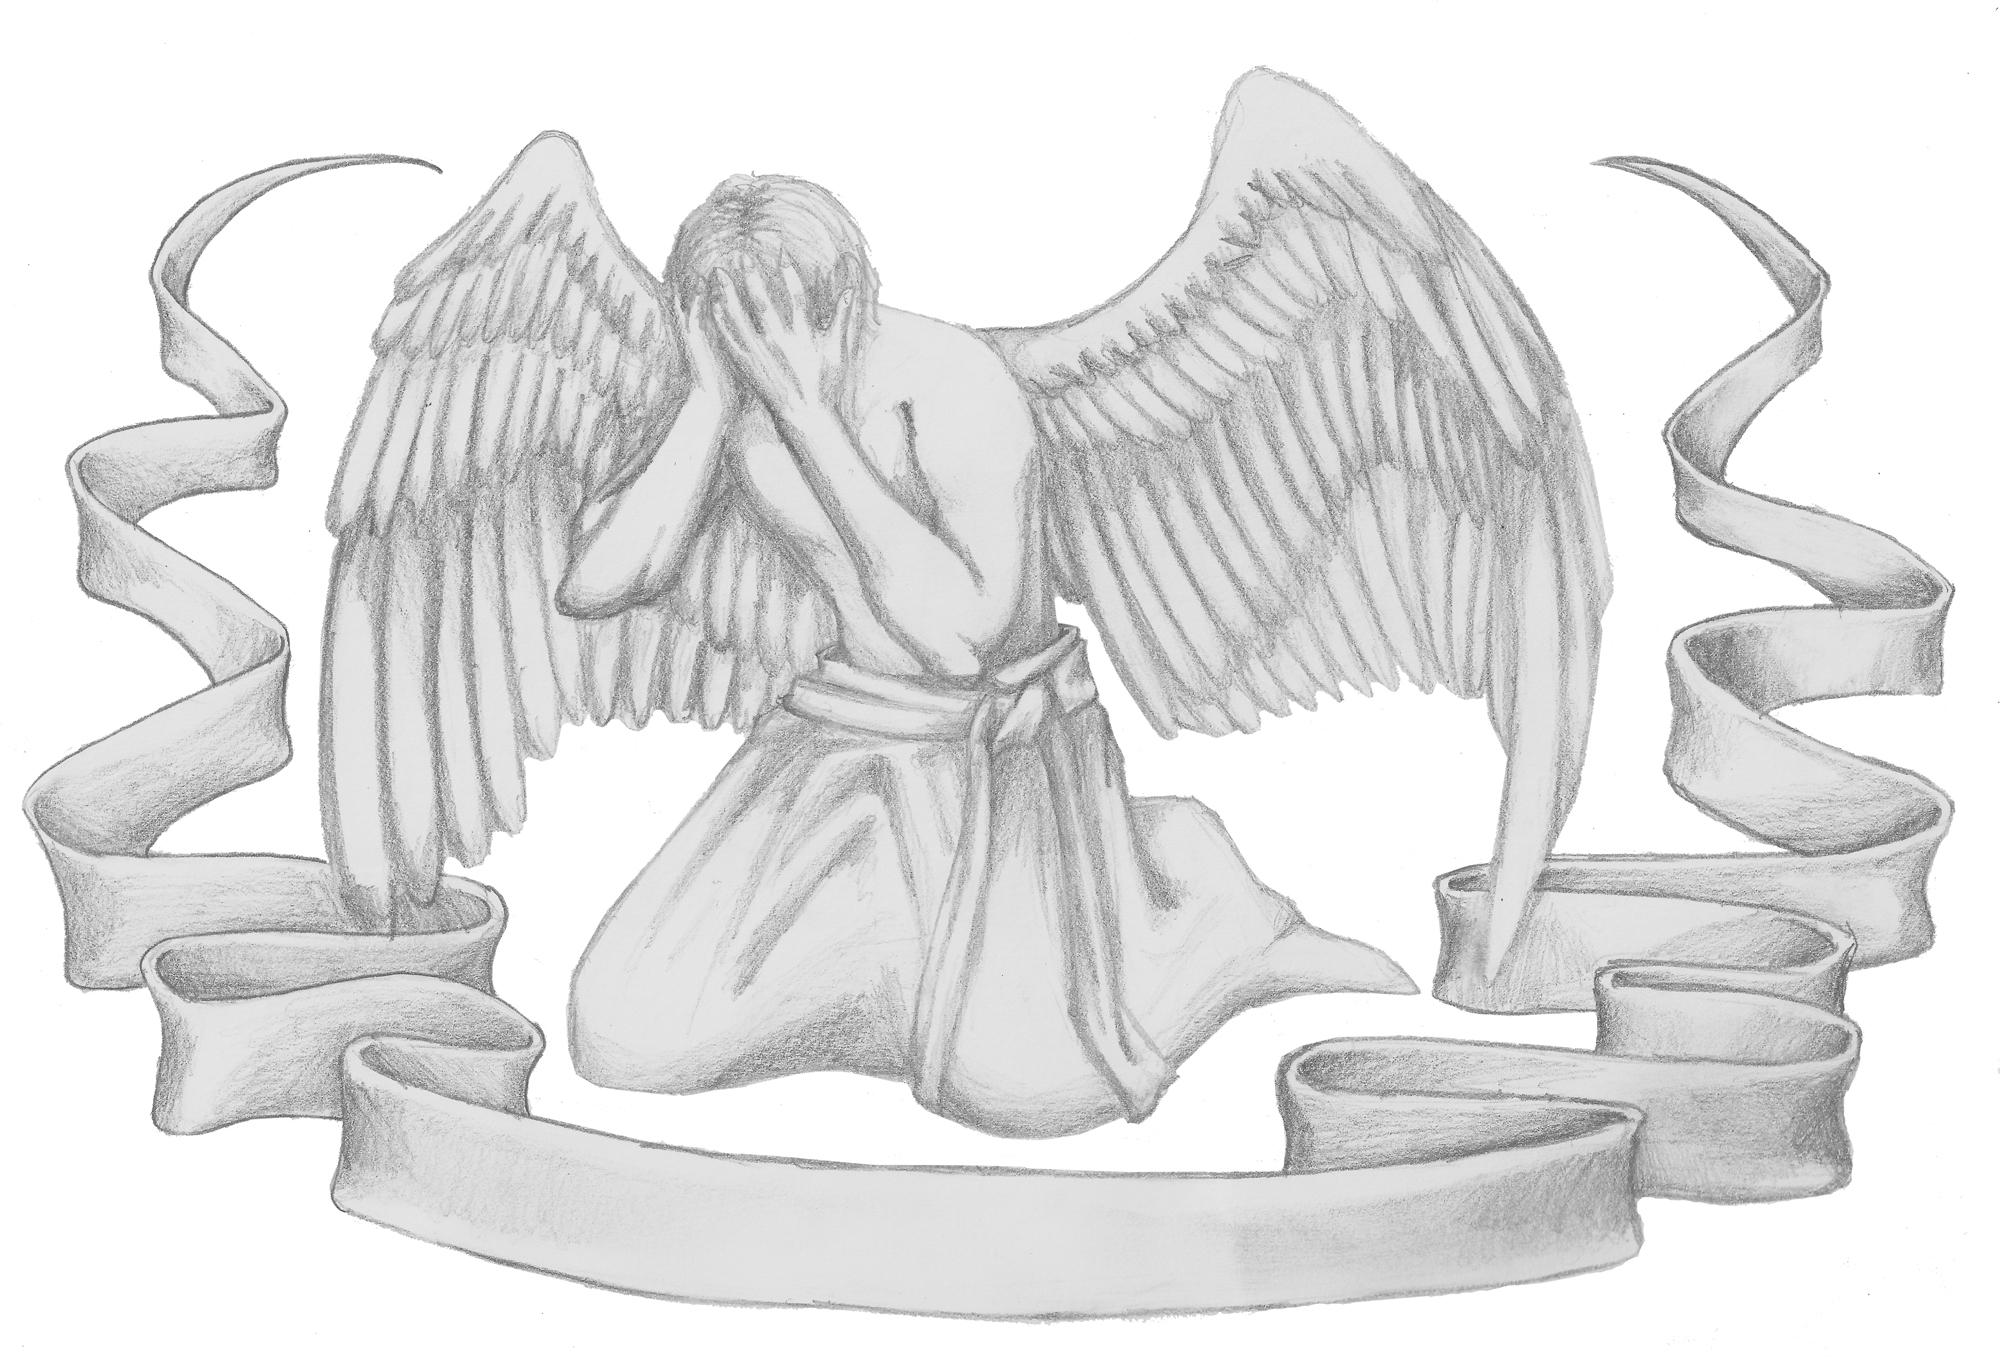 Tattooartwork - Sad Angel